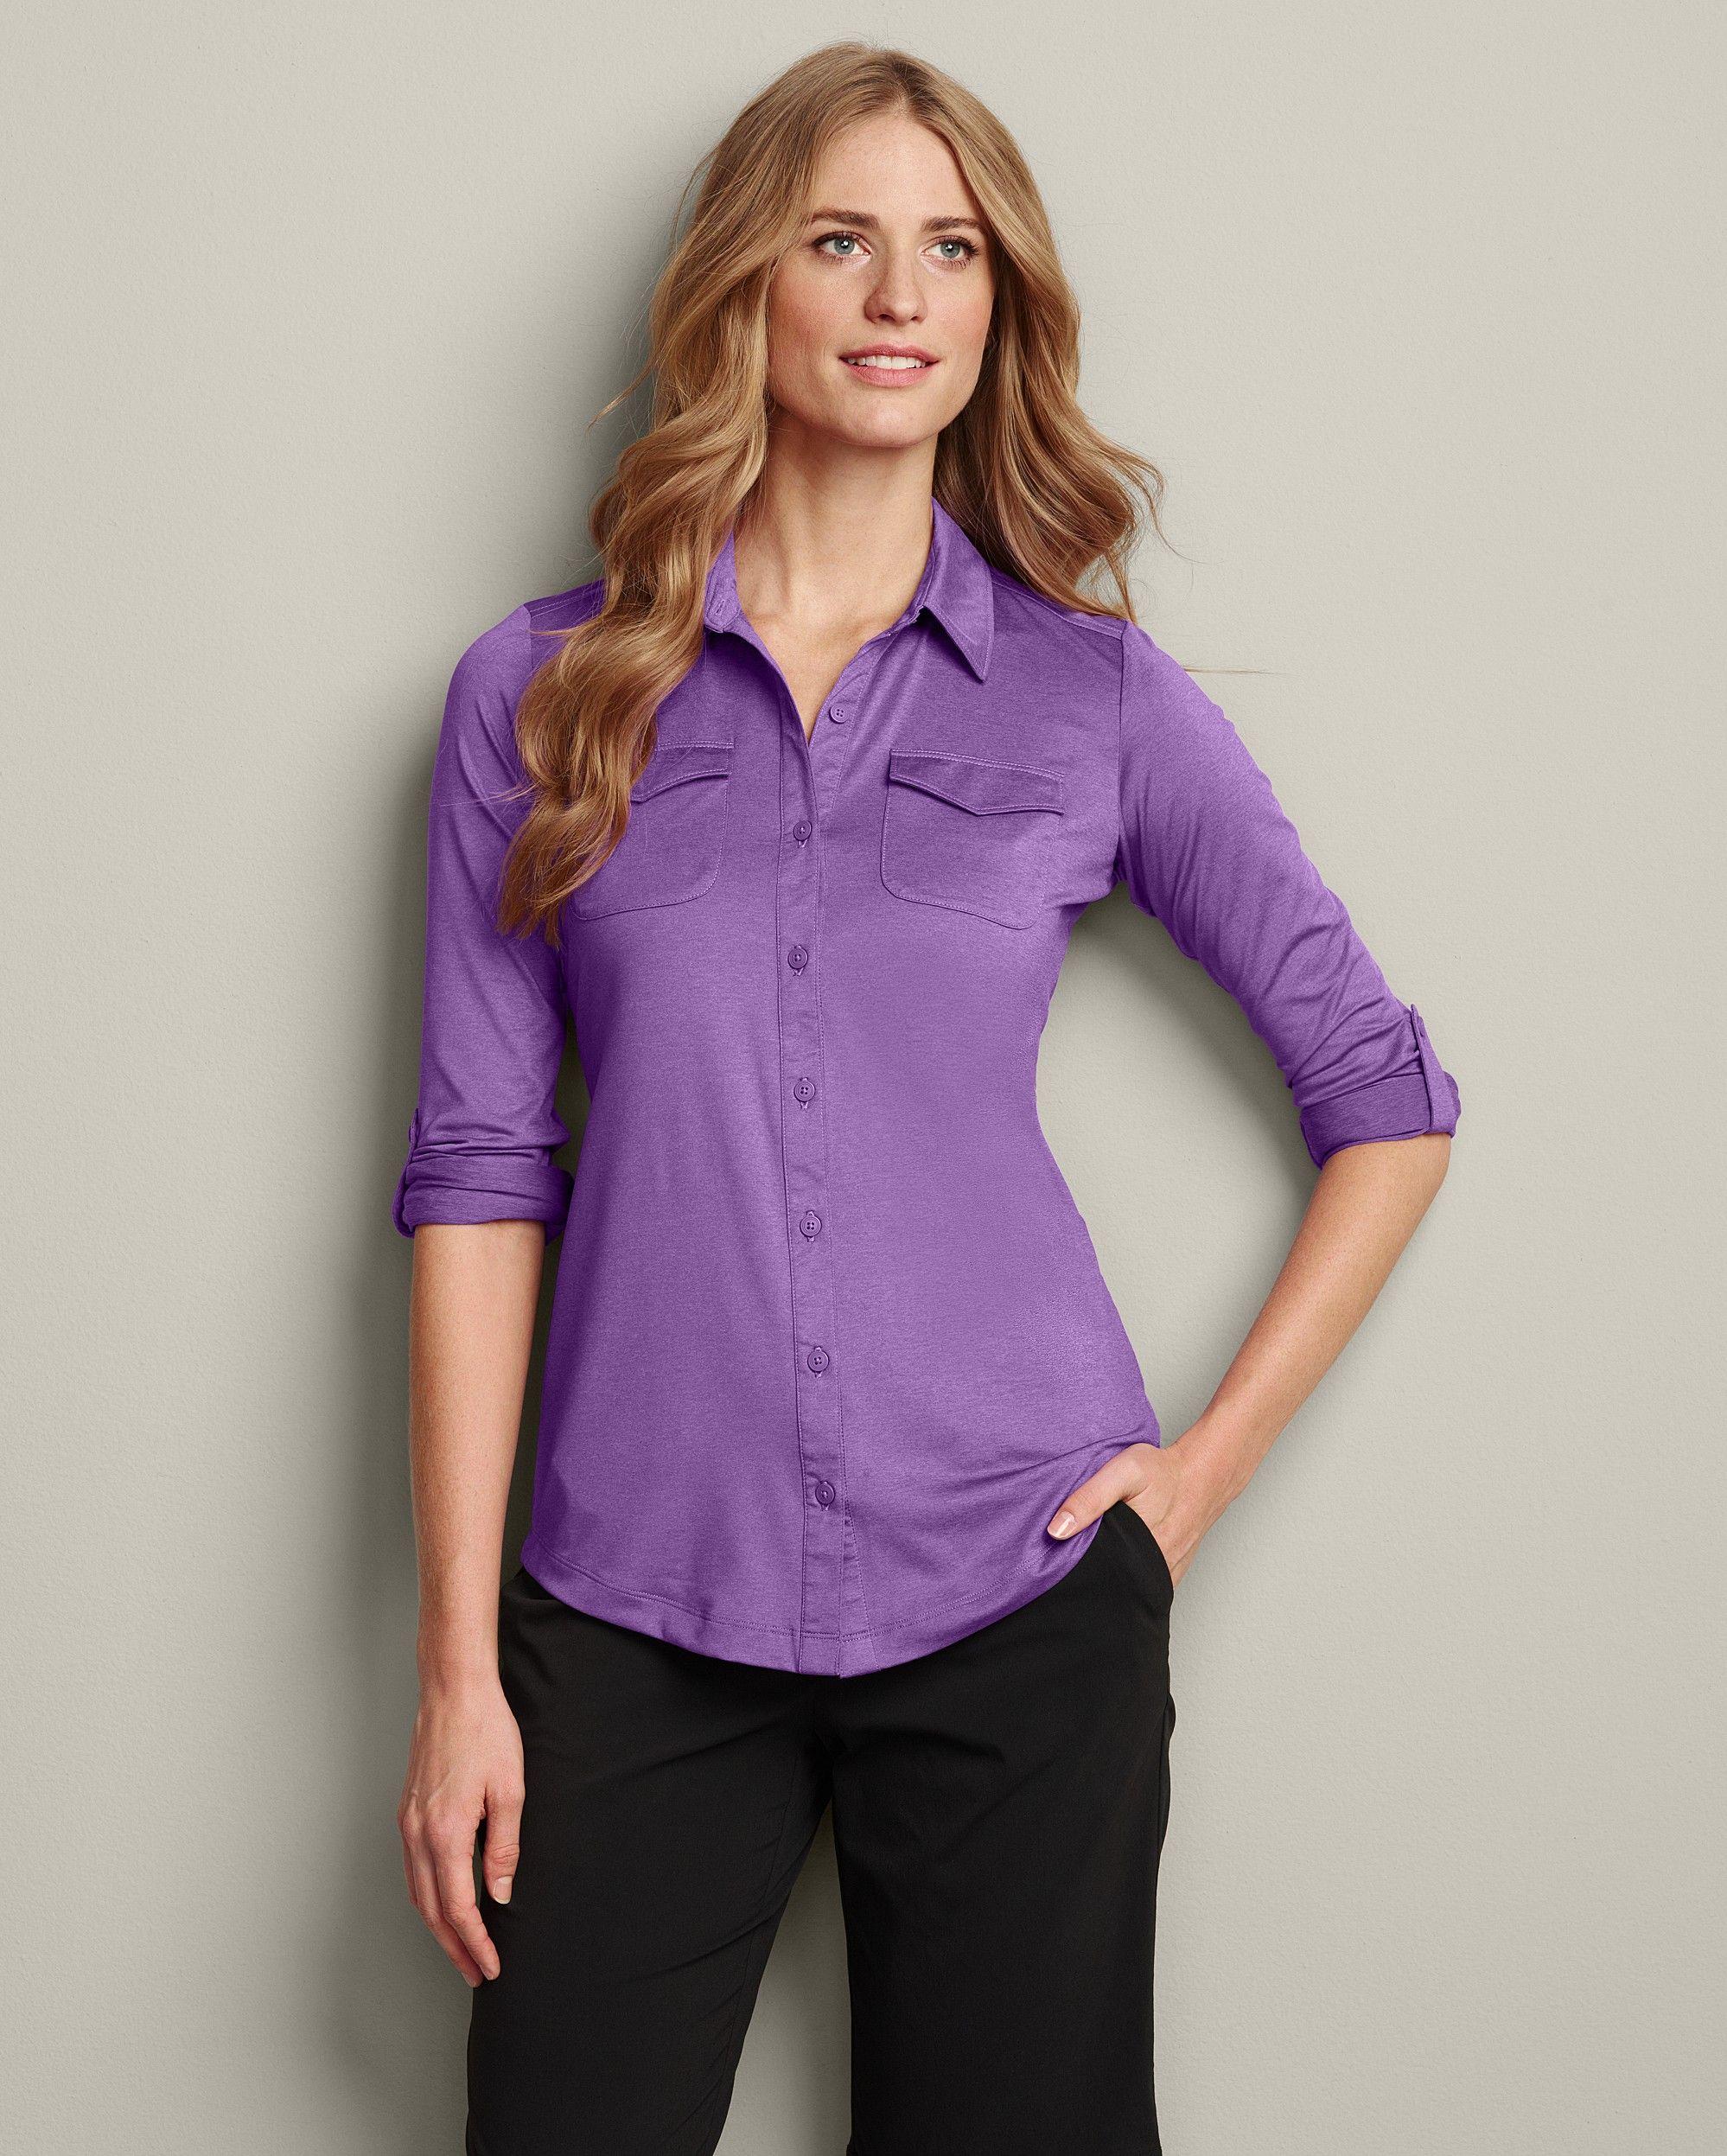 Travex® Infinity ButtonDown Shirt Eddie Bauer Women